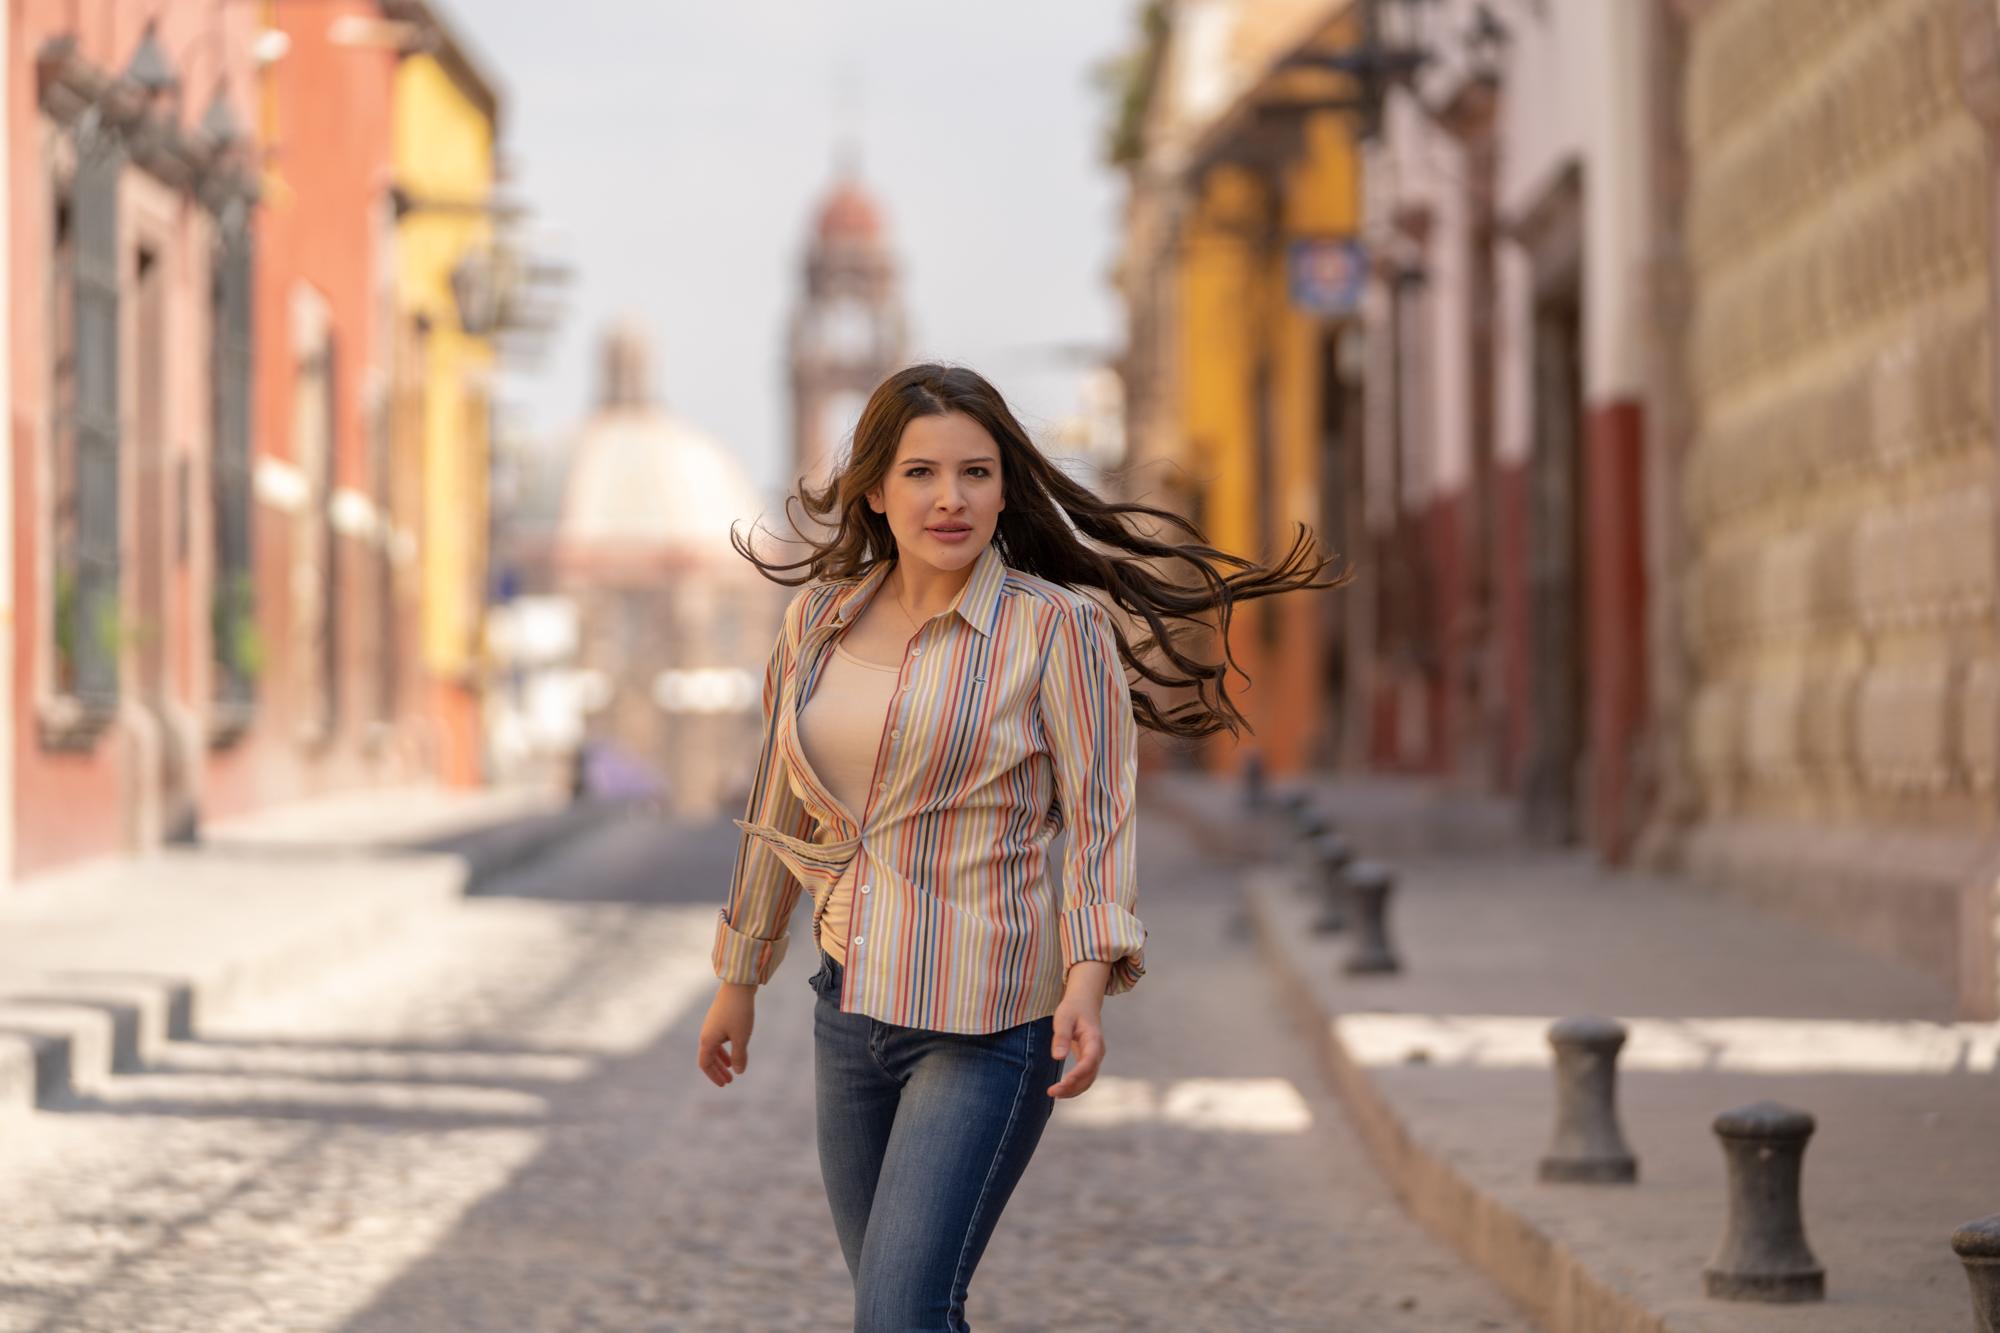 Sesion de Fotos en San Miguel de Allende con Rogelio y su Fmailia-24.jpg